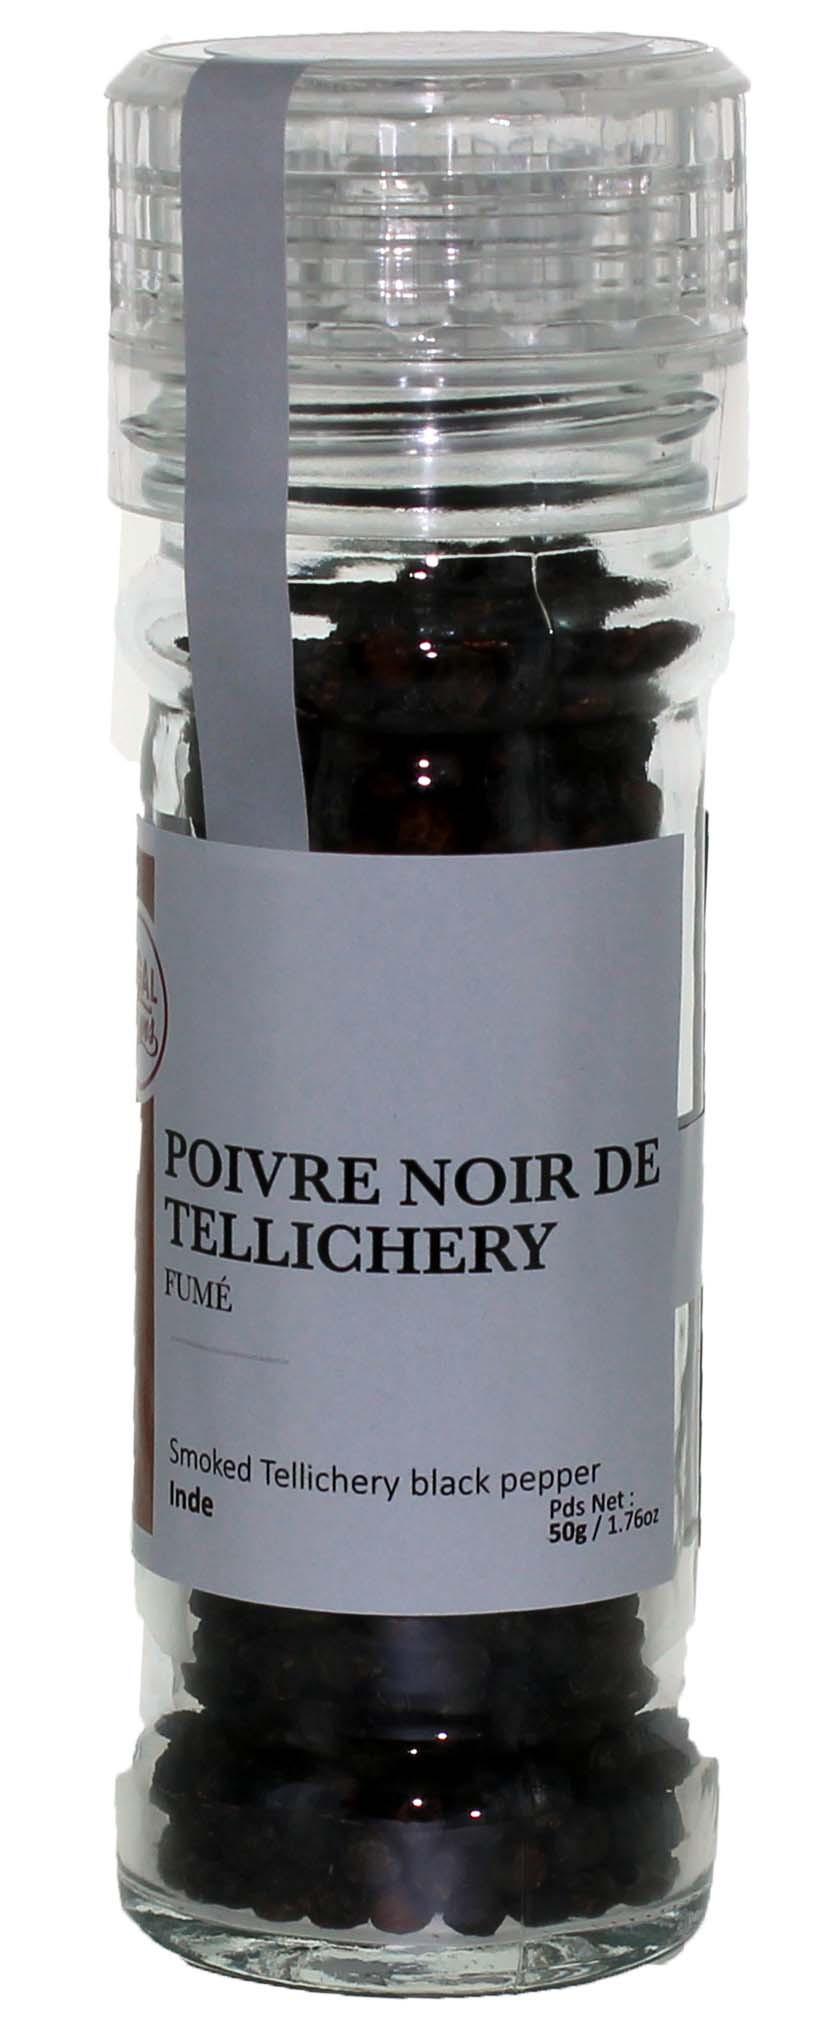 Poivre fumée de Tellichery- Regal des Sens